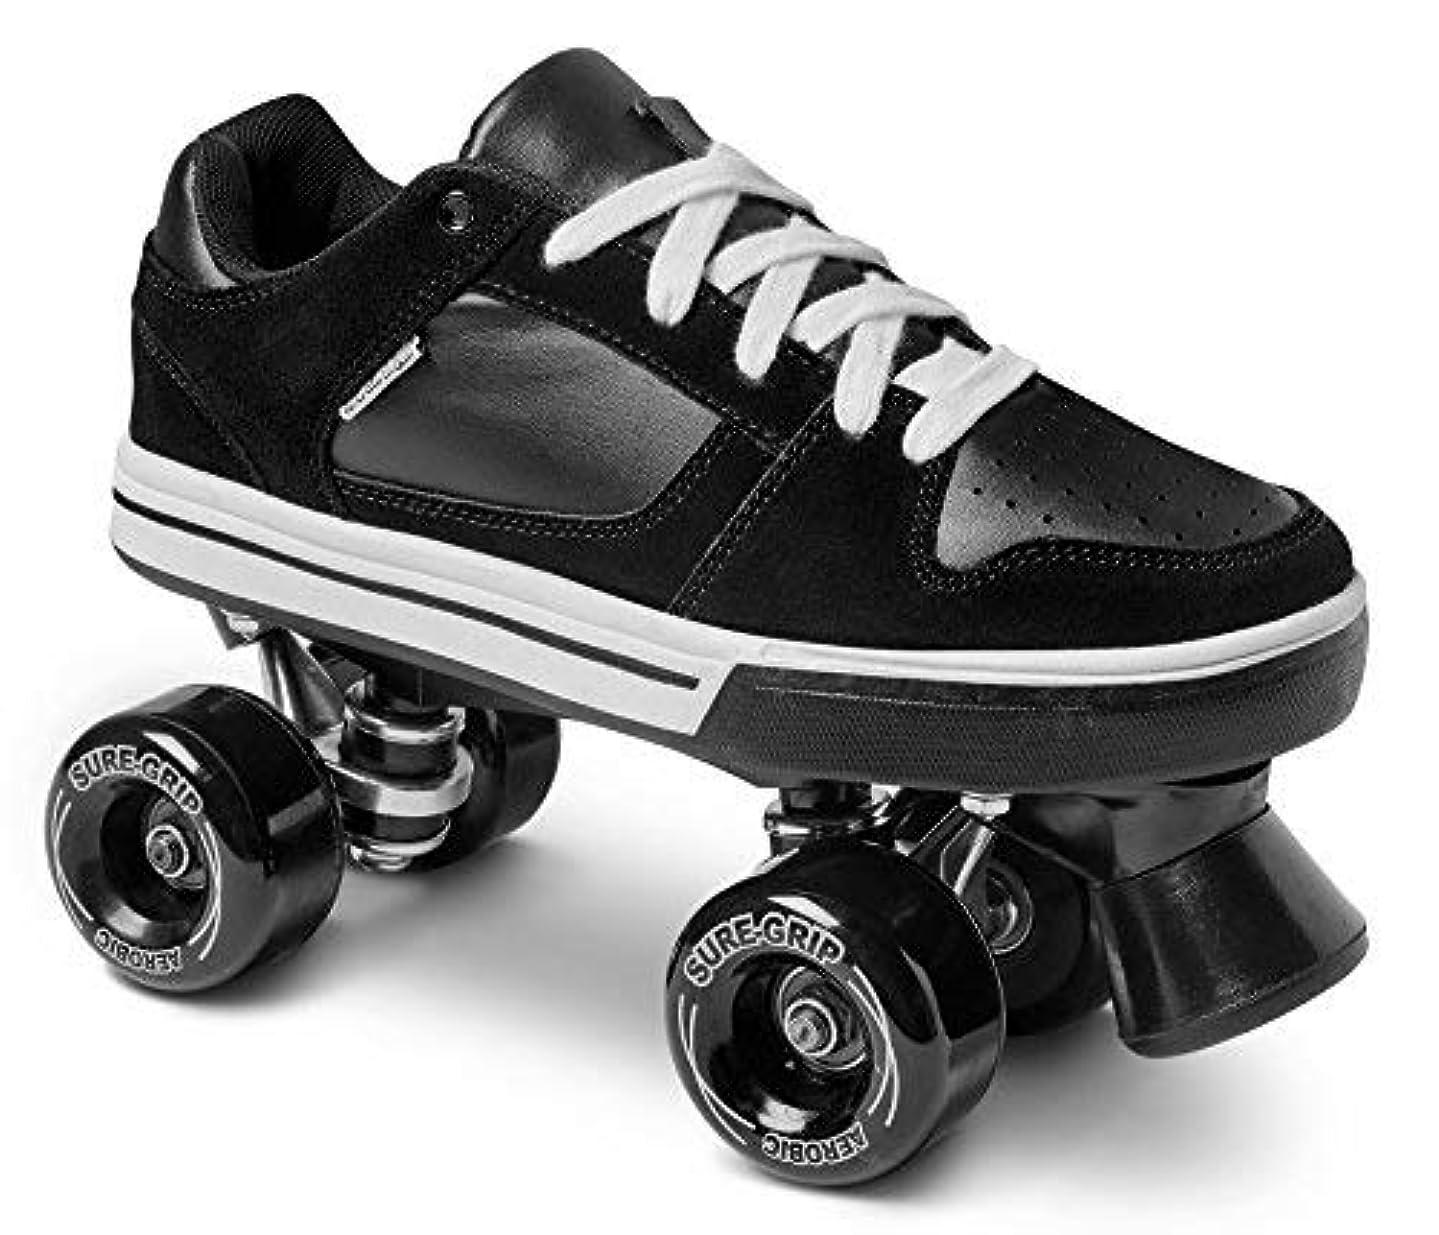 Street Roller Skate Low Top